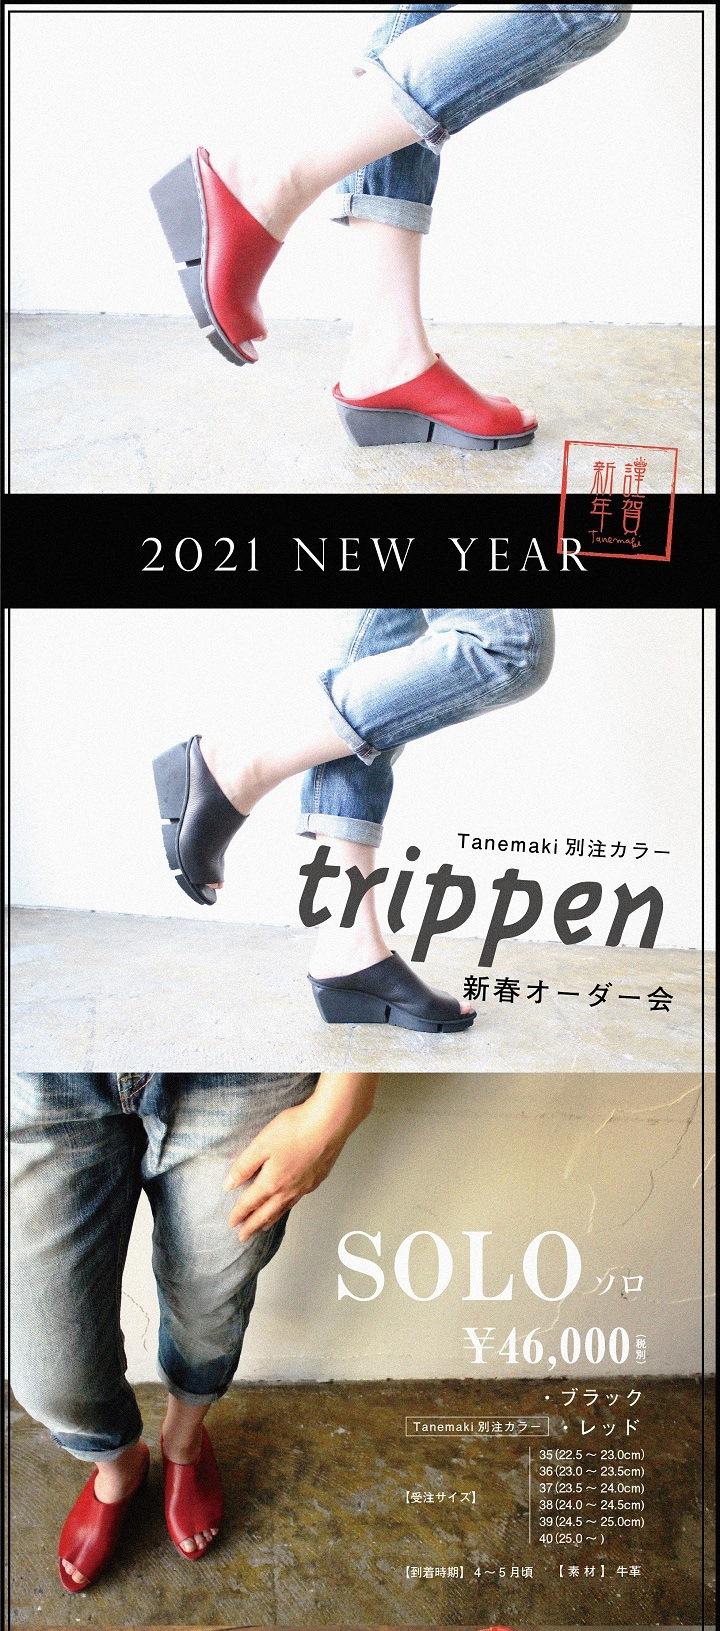 2021010987772.jpg